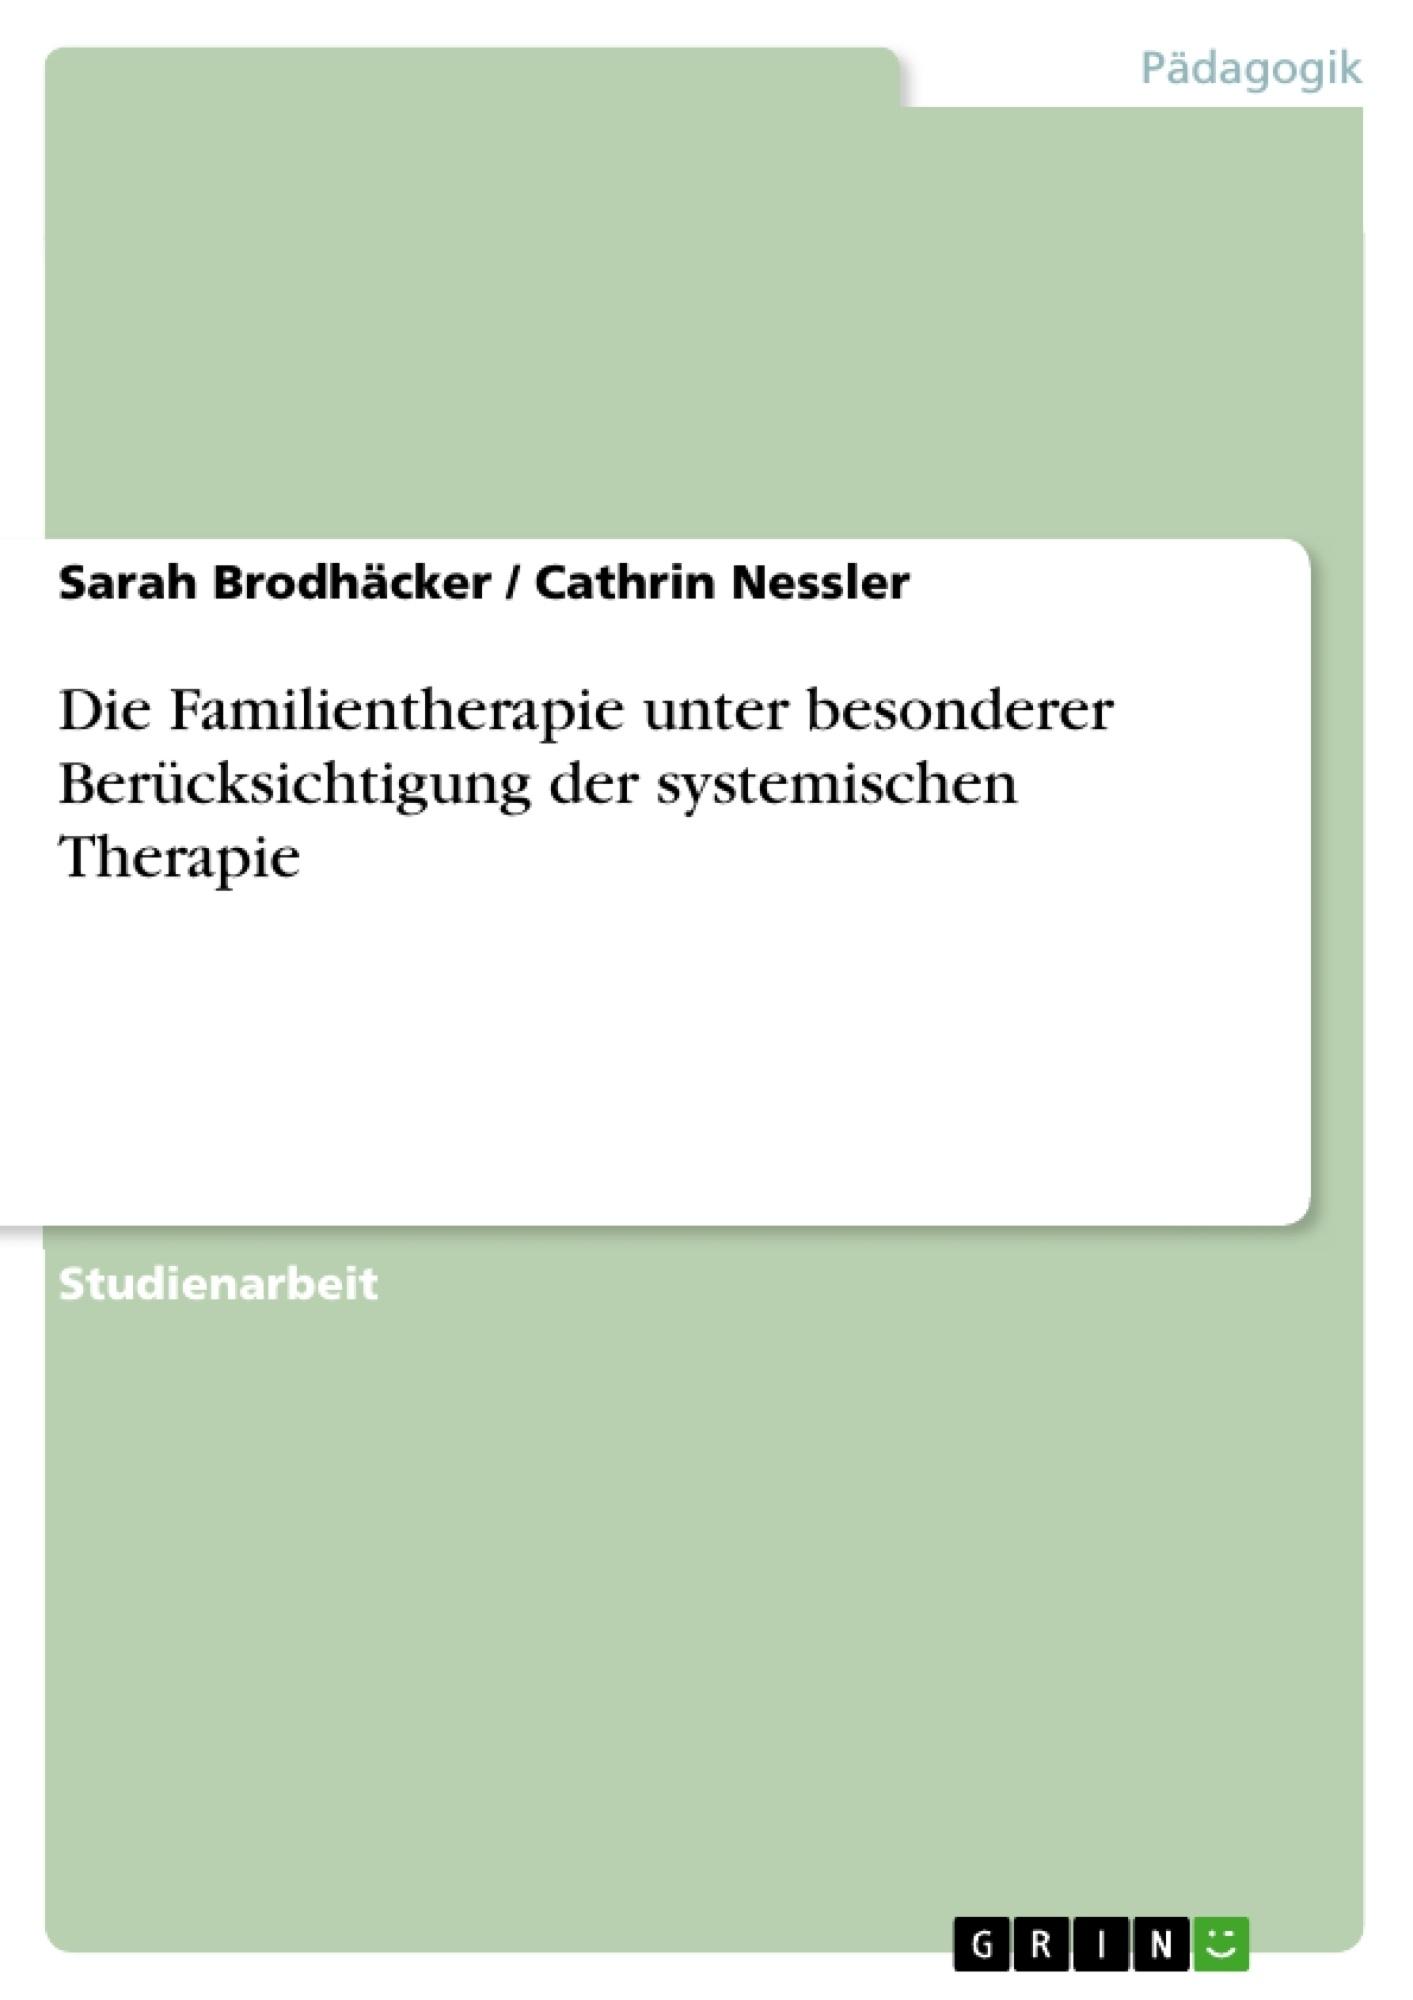 Titel: Die Familientherapie unter besonderer Berücksichtigung der systemischen Therapie